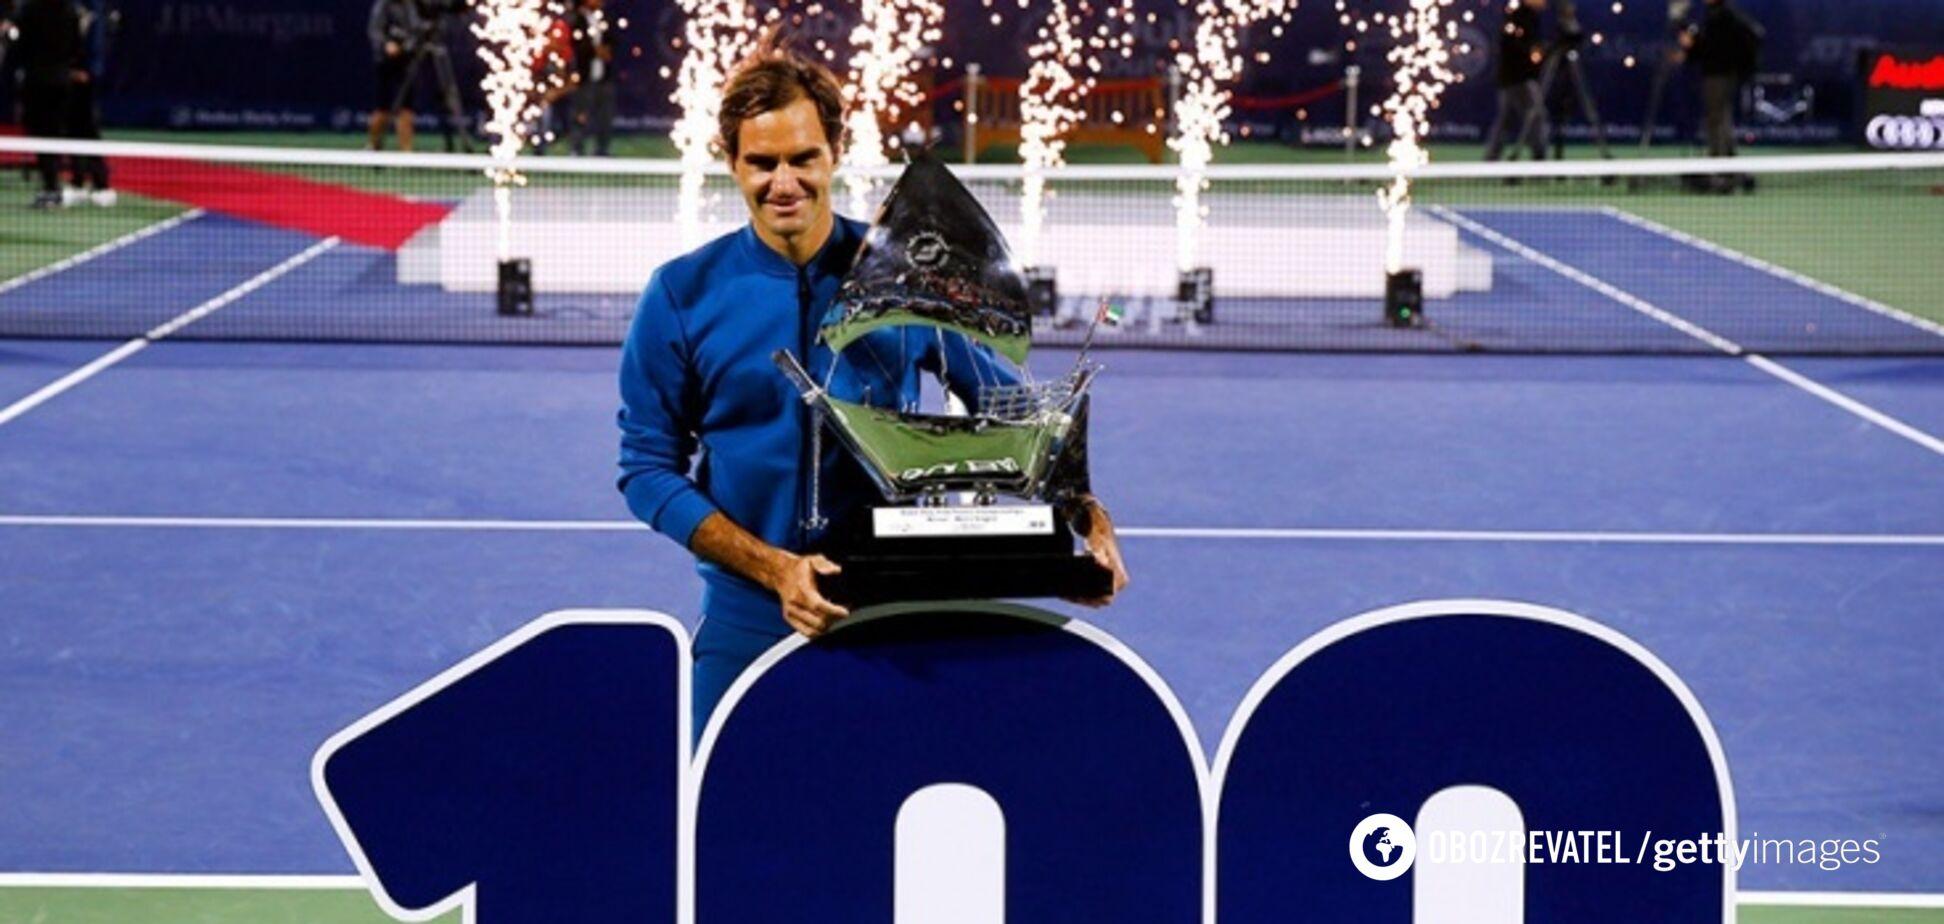 Роджер Федерер установил впечатляющее достижение мирового тенниса